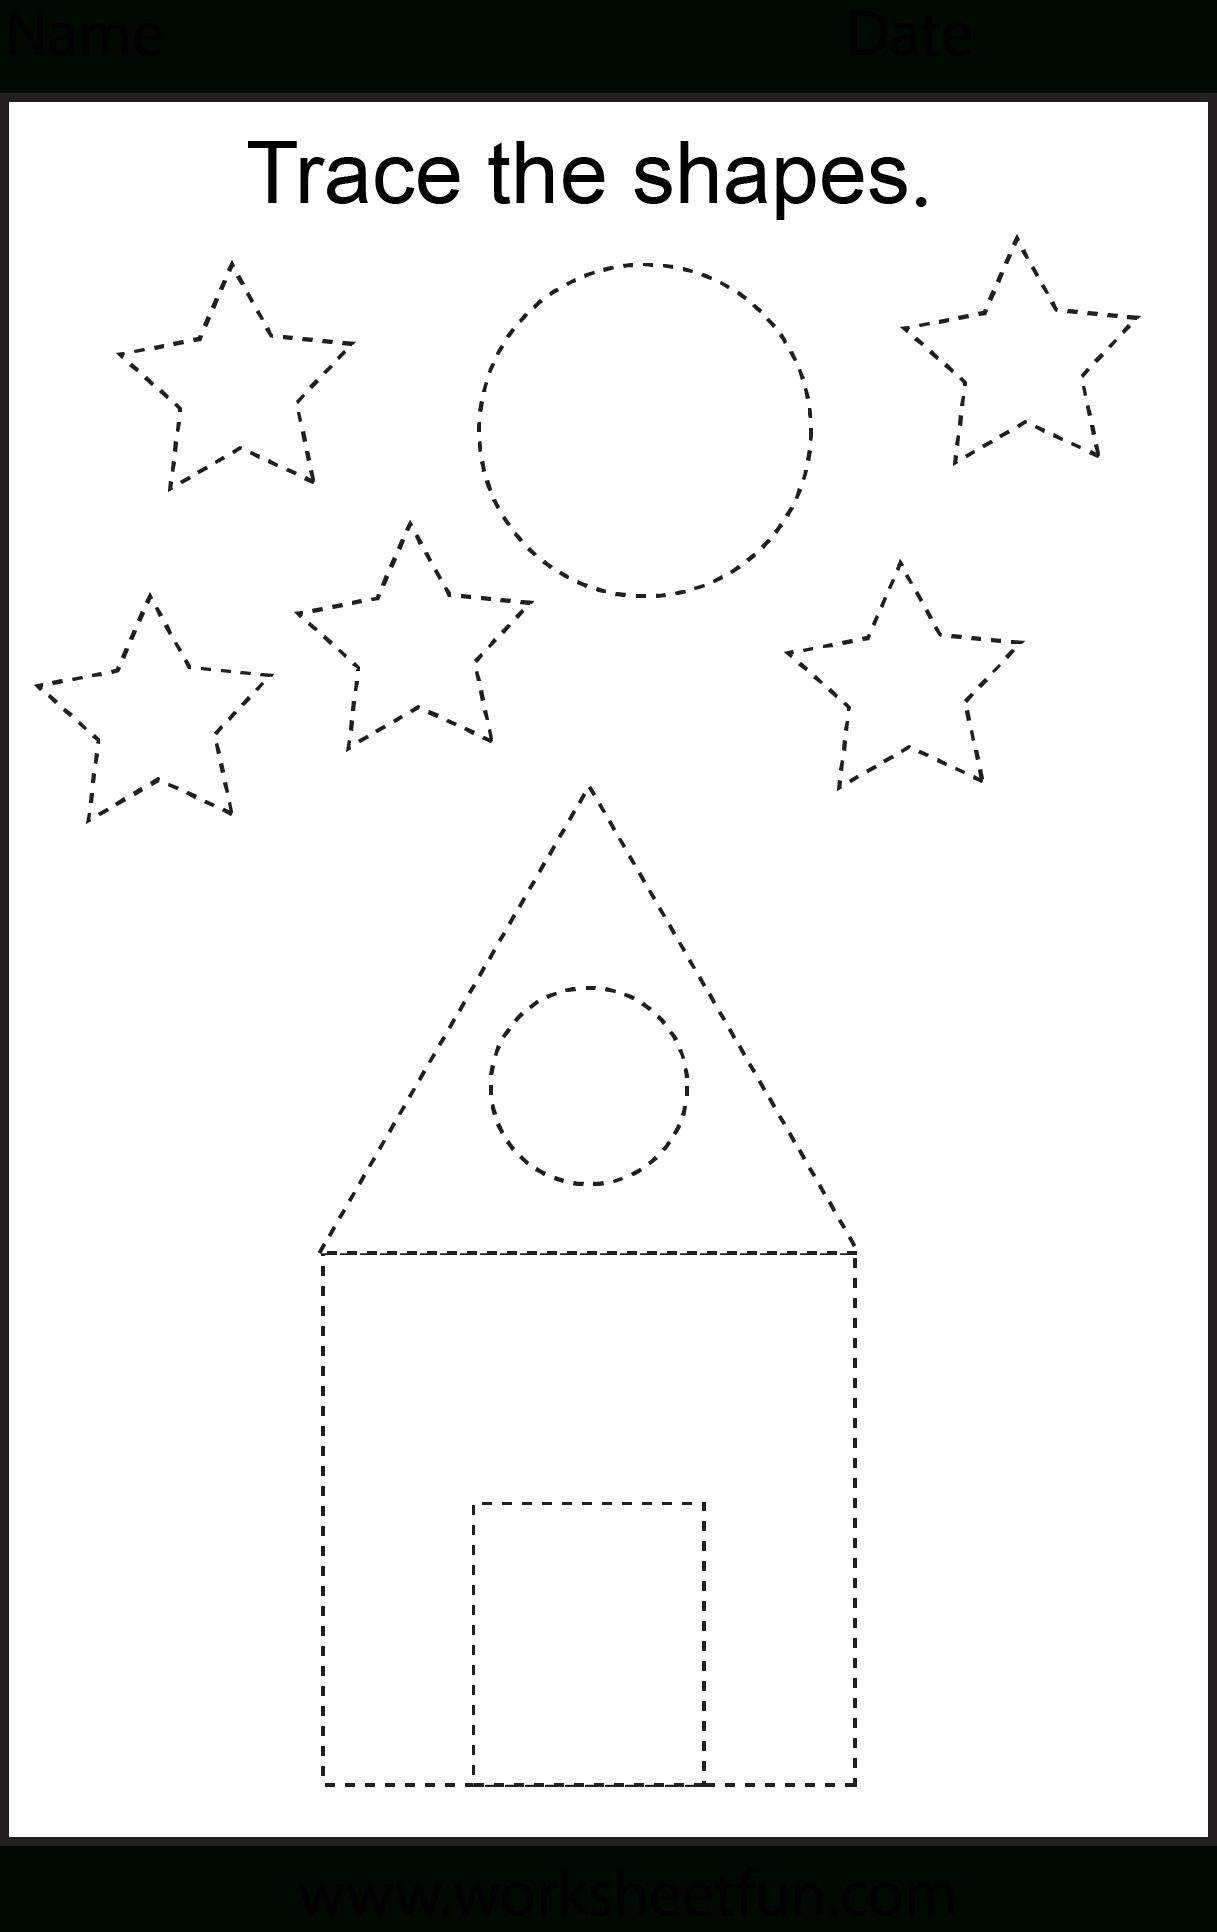 Free Printable Preschool Worksheets - This One Is Trace The Shapes - Free Printable Preschool Worksheets